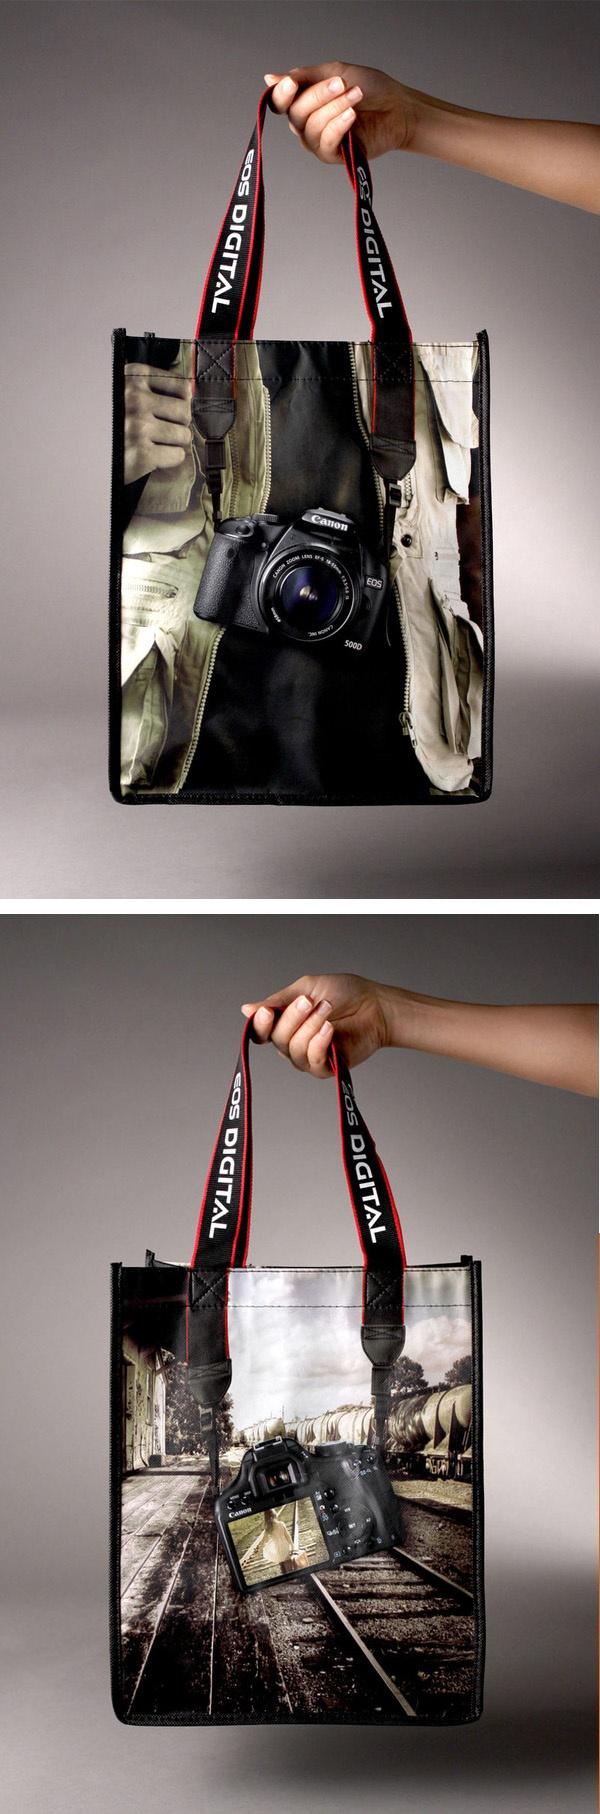 anuncio canon, bolsa